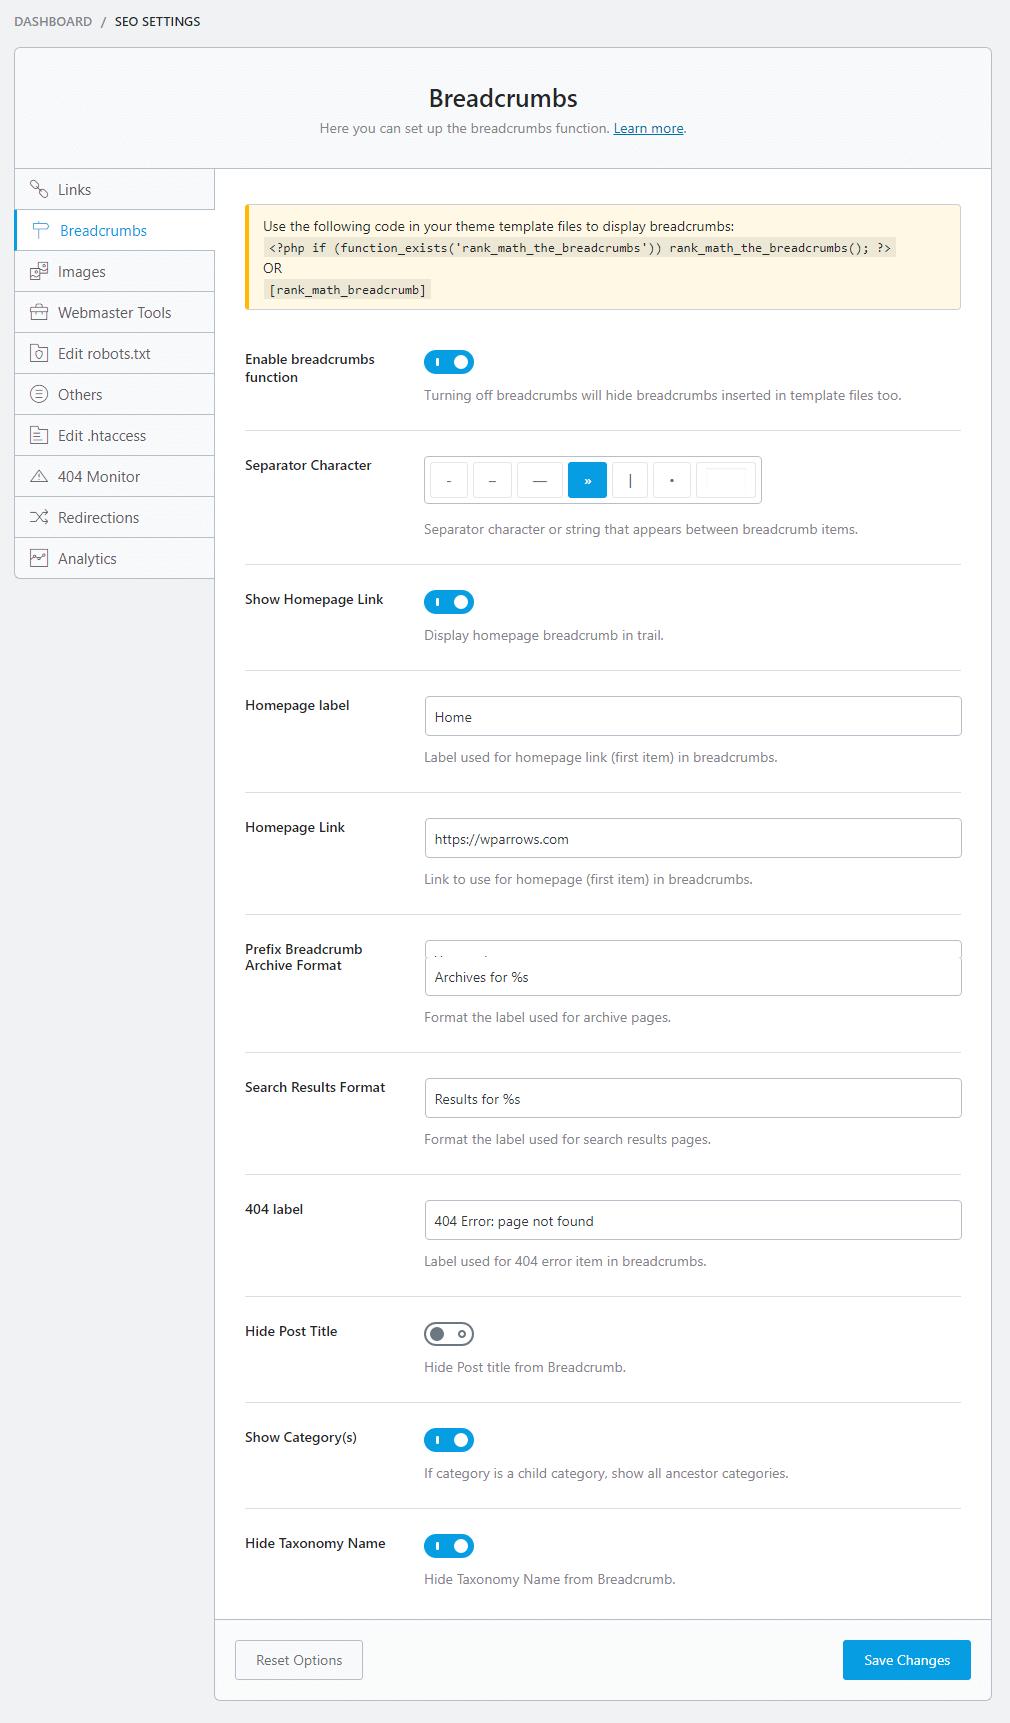 seo settings BREADCRUMBS